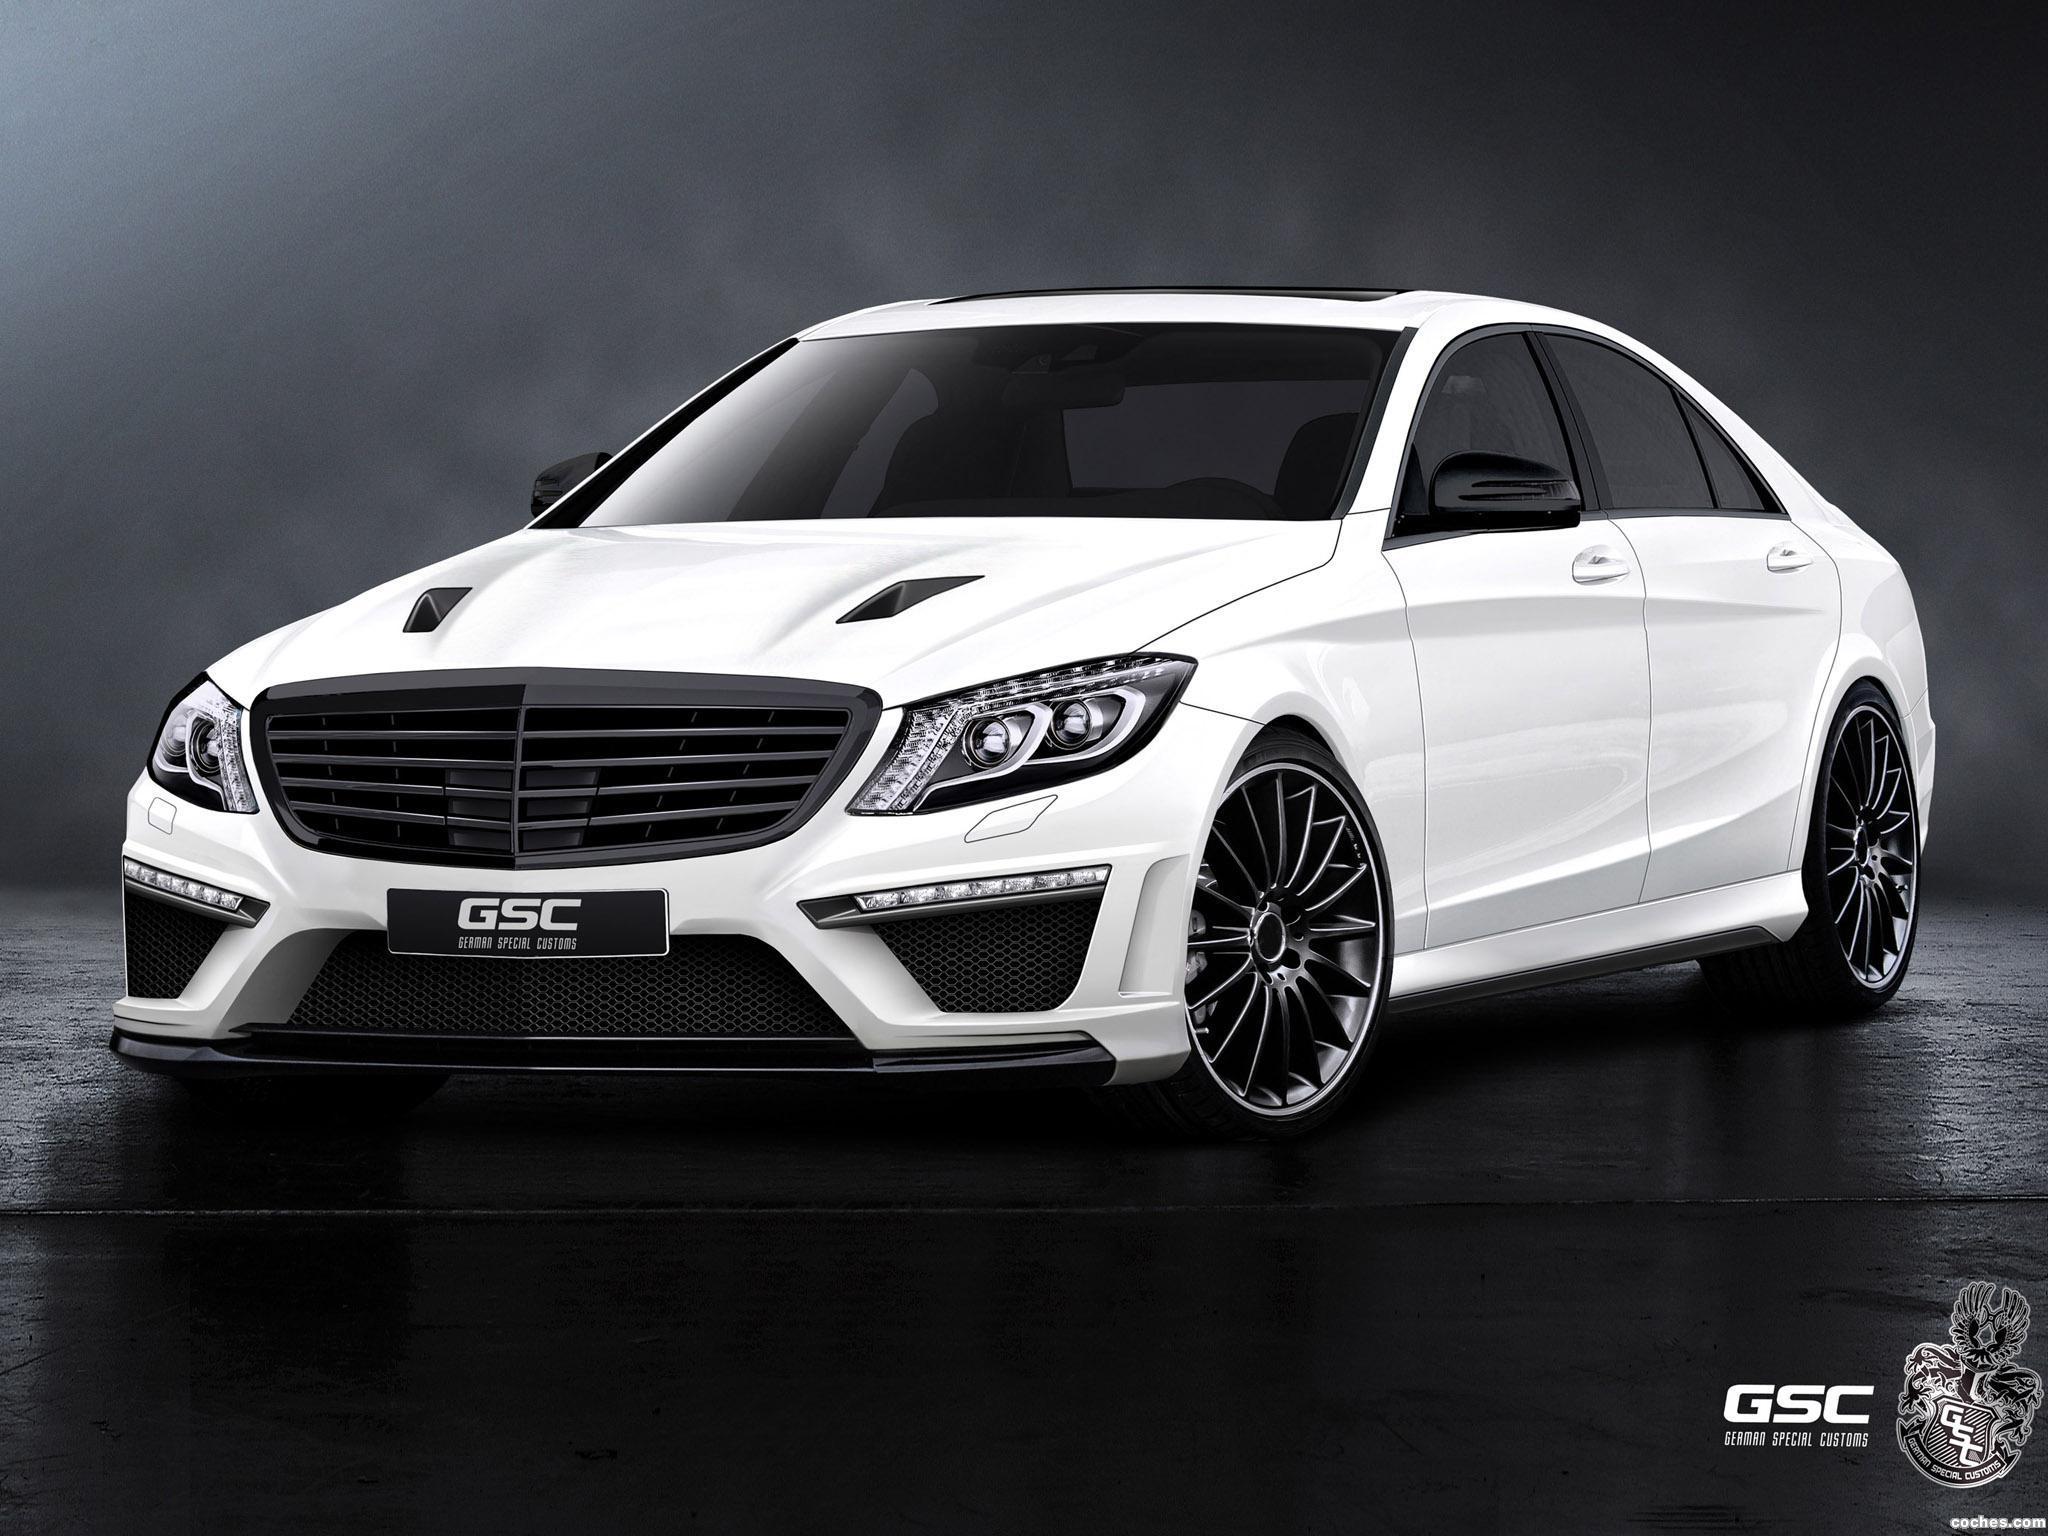 Foto 0 de GSC Mercedes Clase S 2013